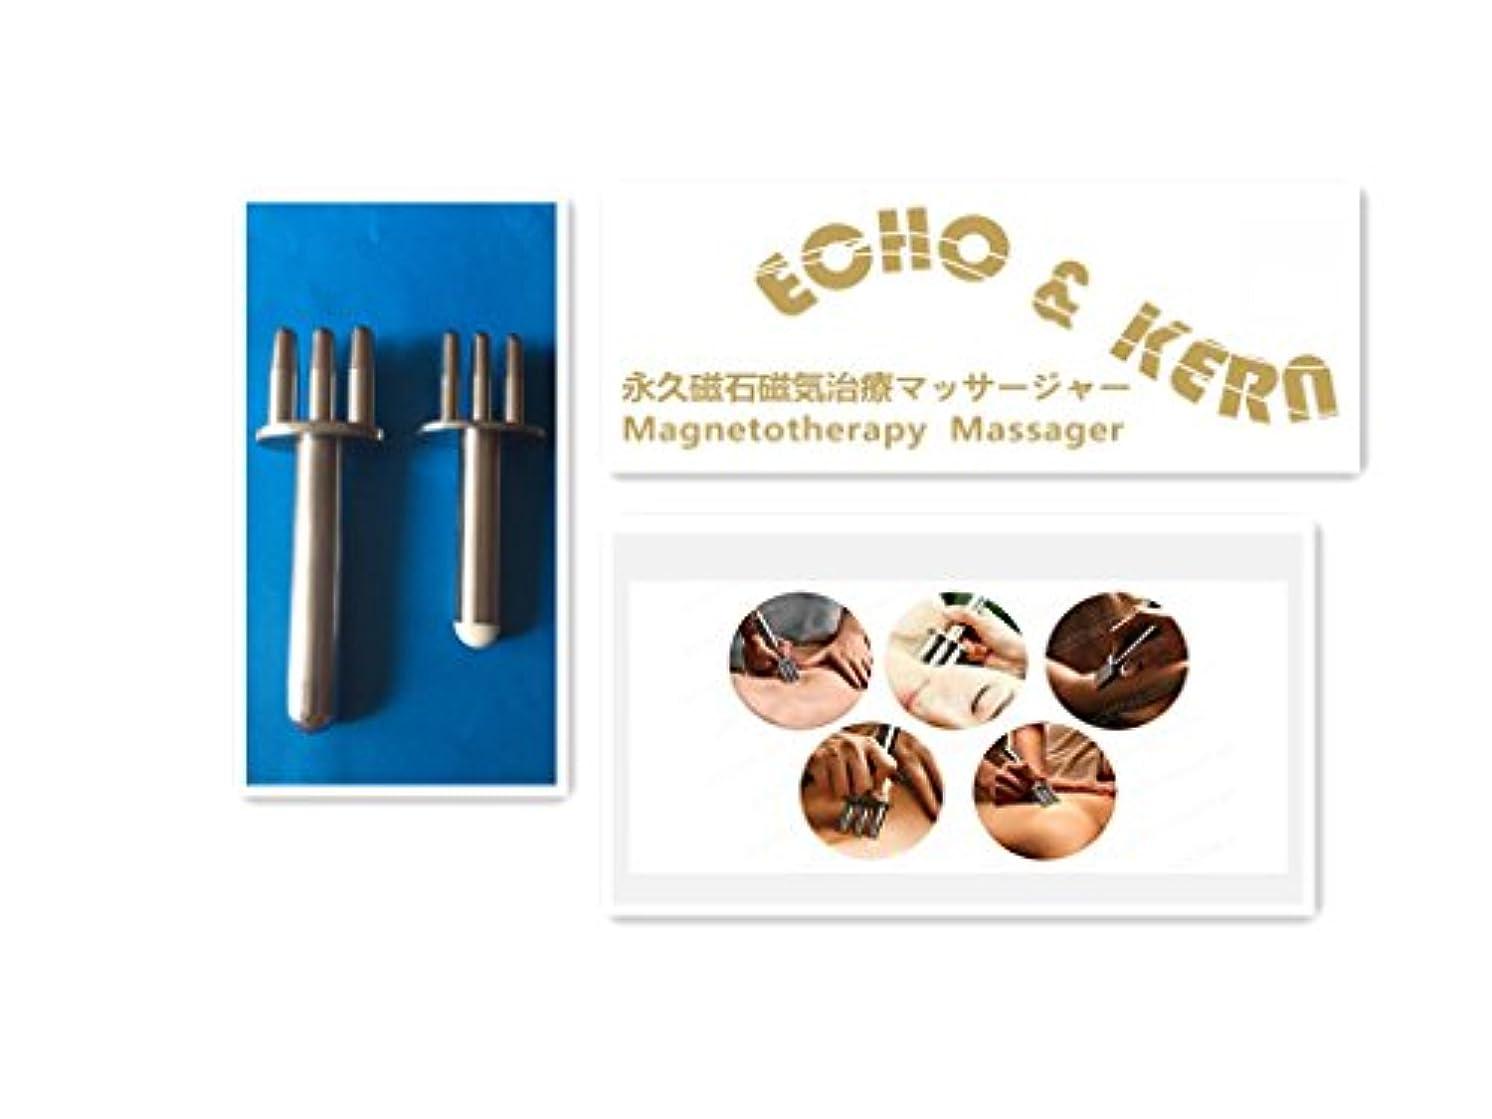 間接的触手オプショナルペア二点排酸棒マッサジ棒磁力マッサジ棒大きさボディを排酸術小さな顔を排酸術